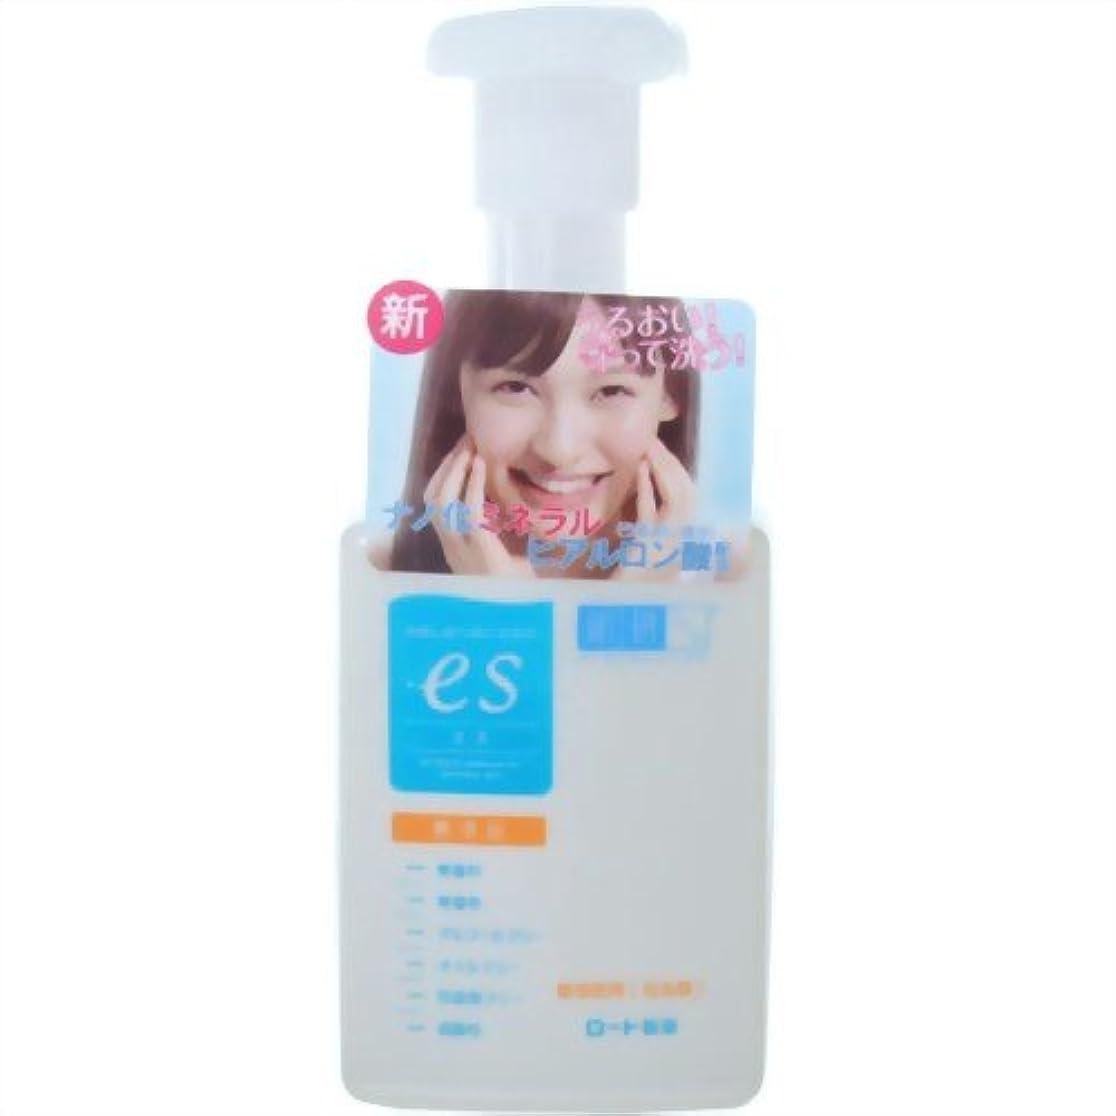 扱う宗教魔術肌ラボ es(エス)ナノ化ミネラルヒアルロン酸配合 無添加処方 洗顔泡タイプ 160ml